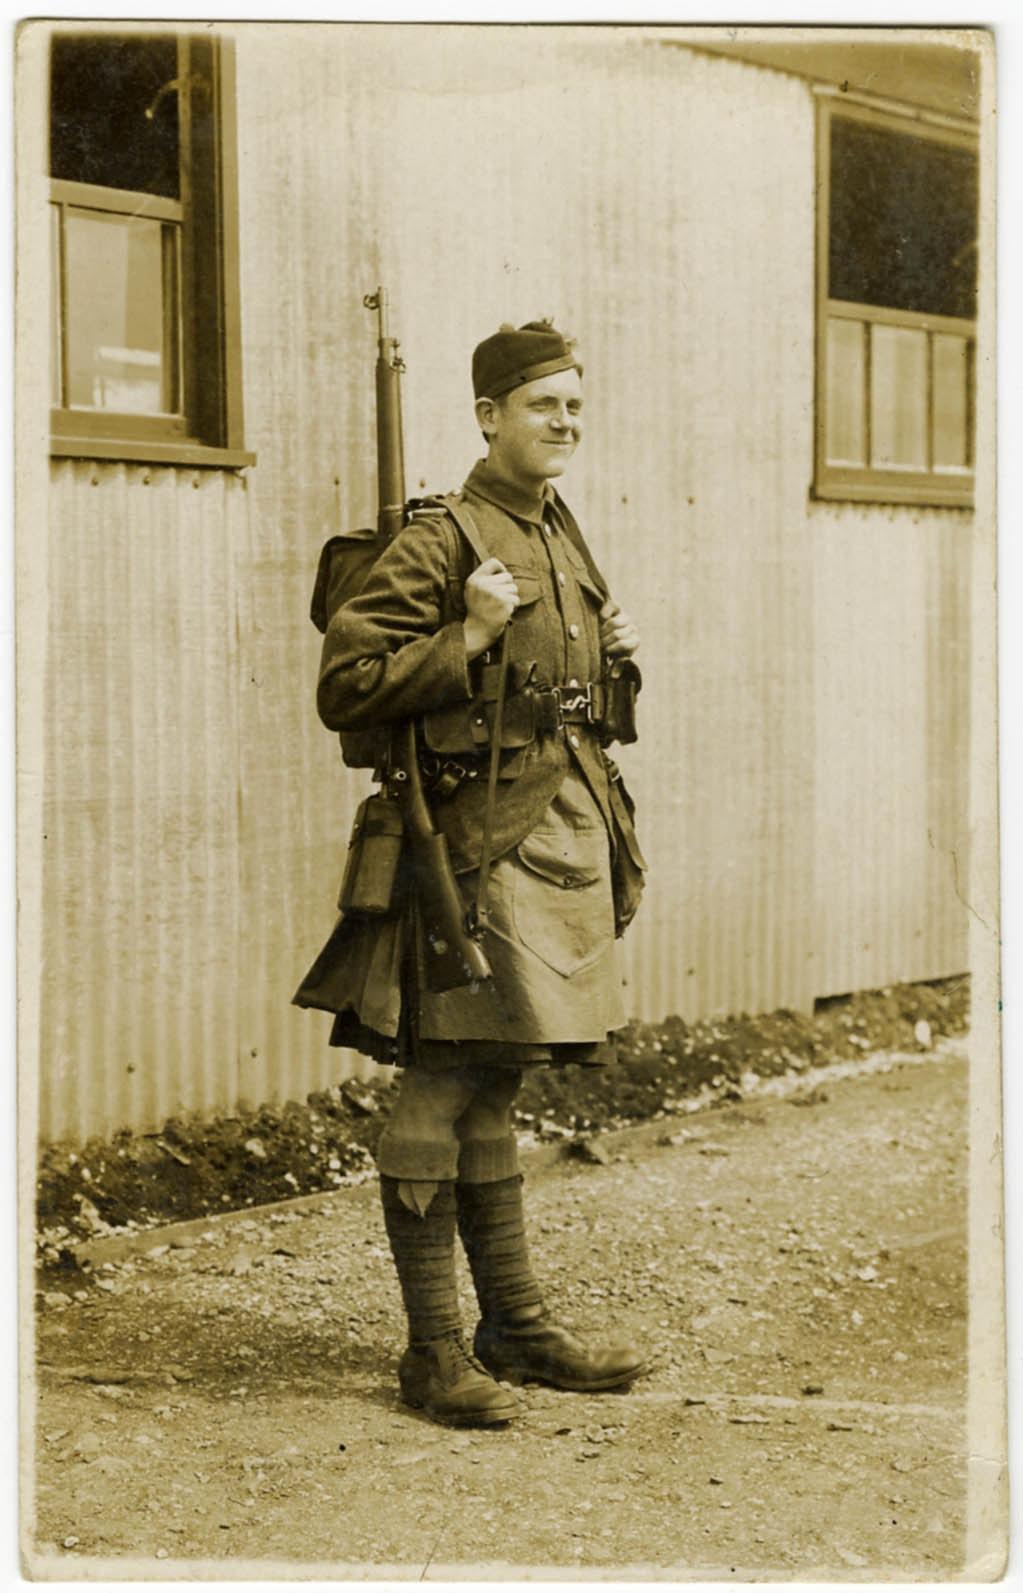 private-john-alec-veitch-(1897-1917)-25804.jpg